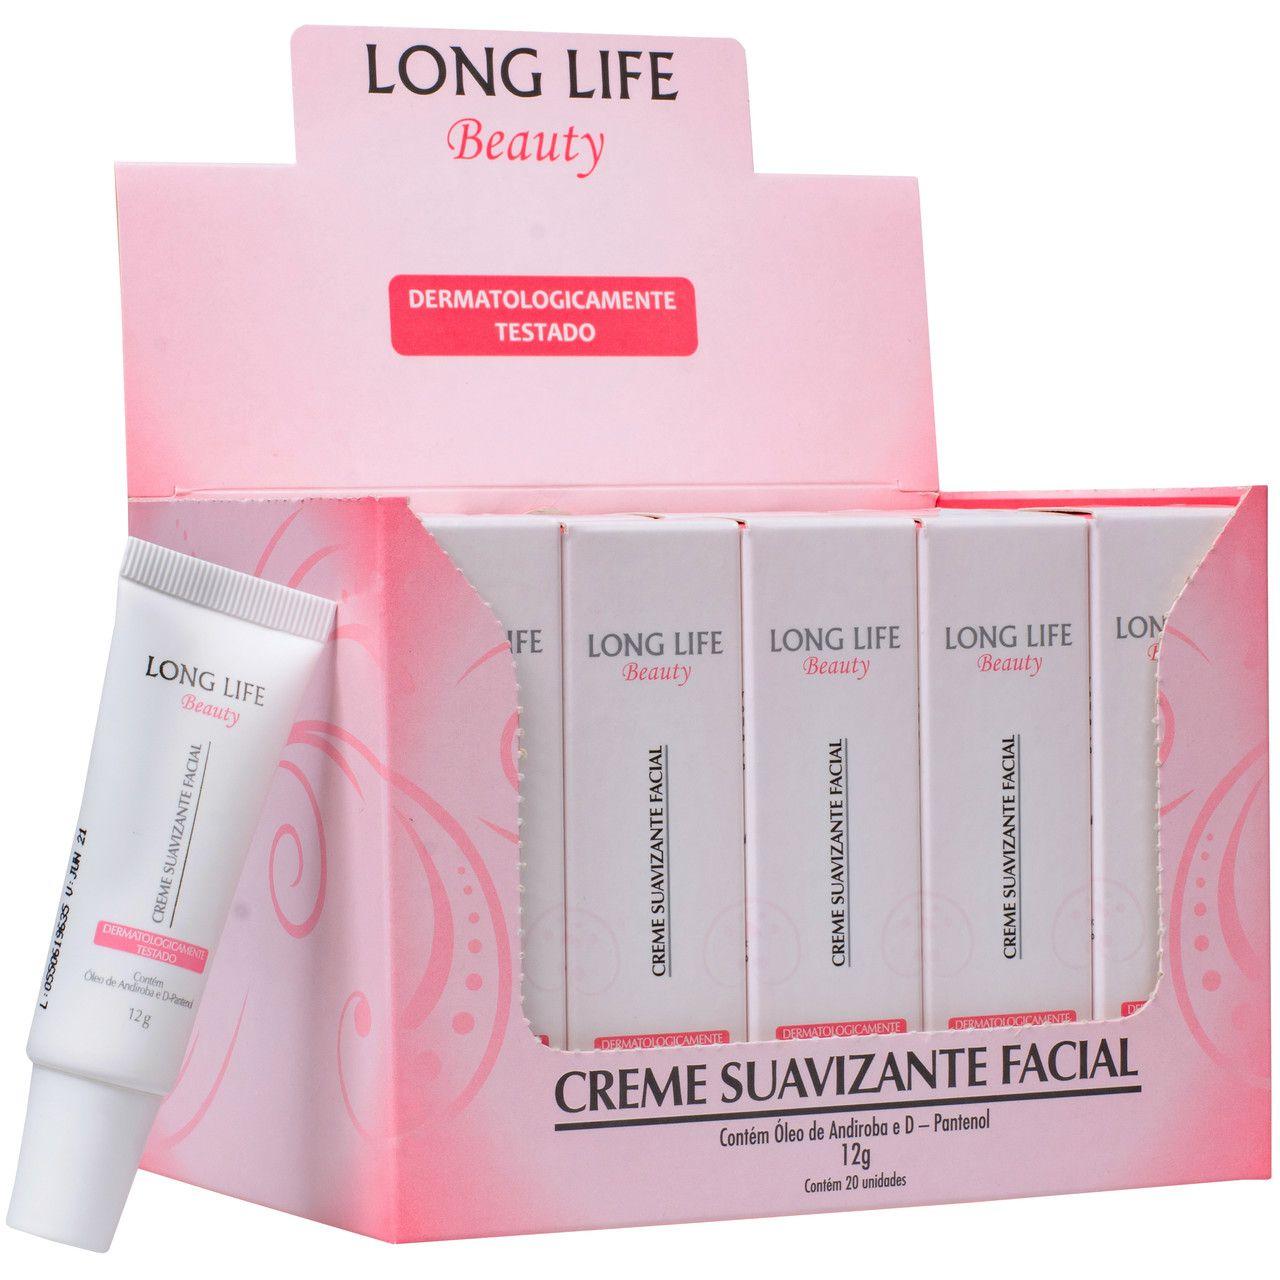 Creme Pós Micropigmentação - Long Life Beauty 12g - Caixa com 20 unds.